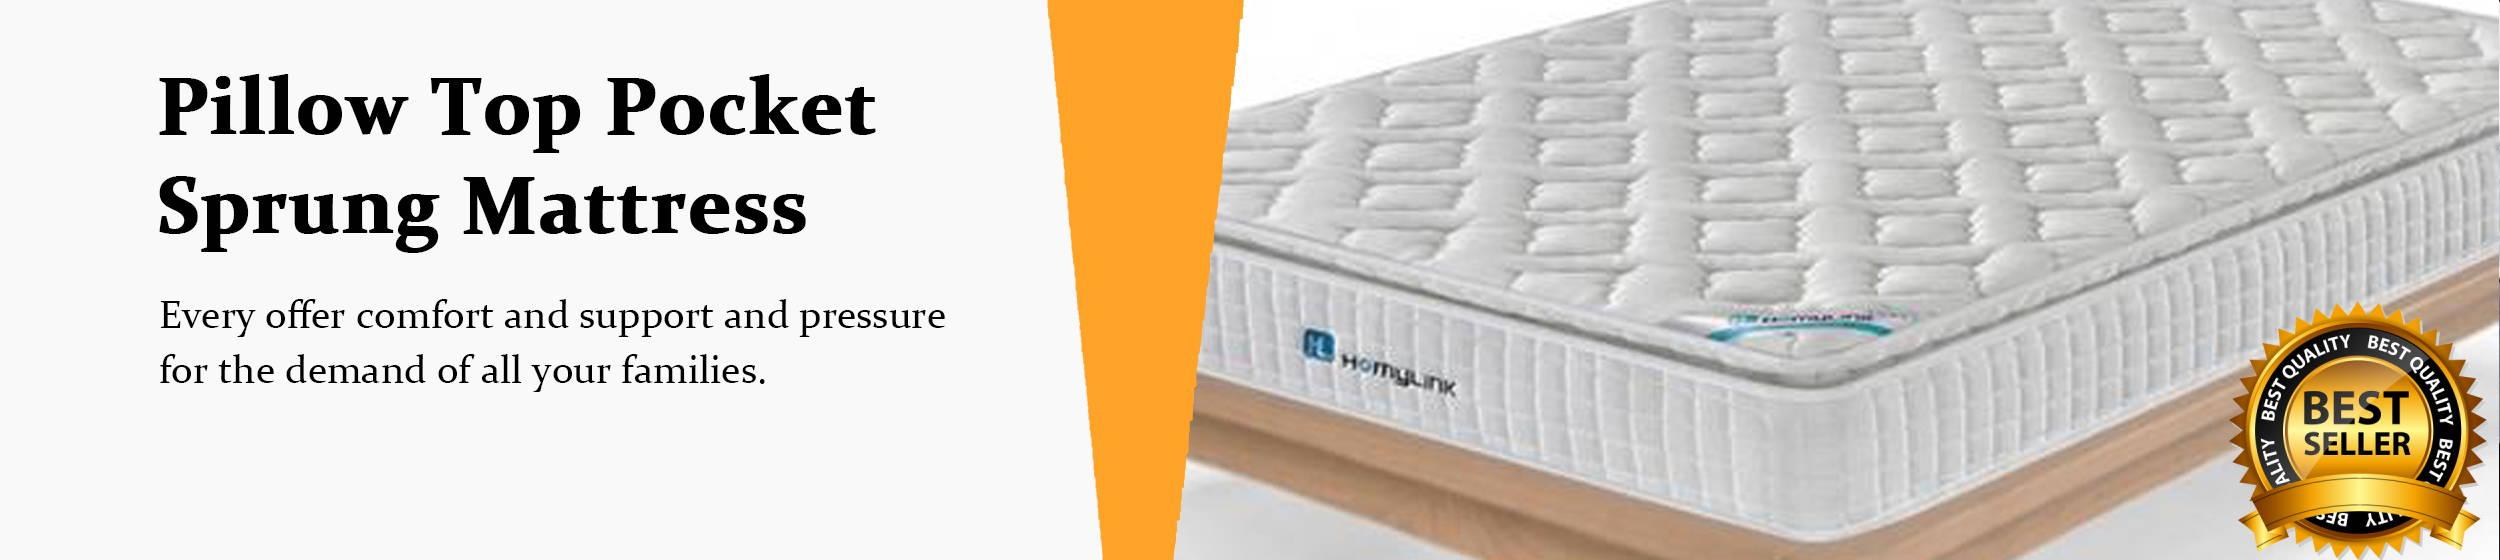 Homylink pillow top mattress